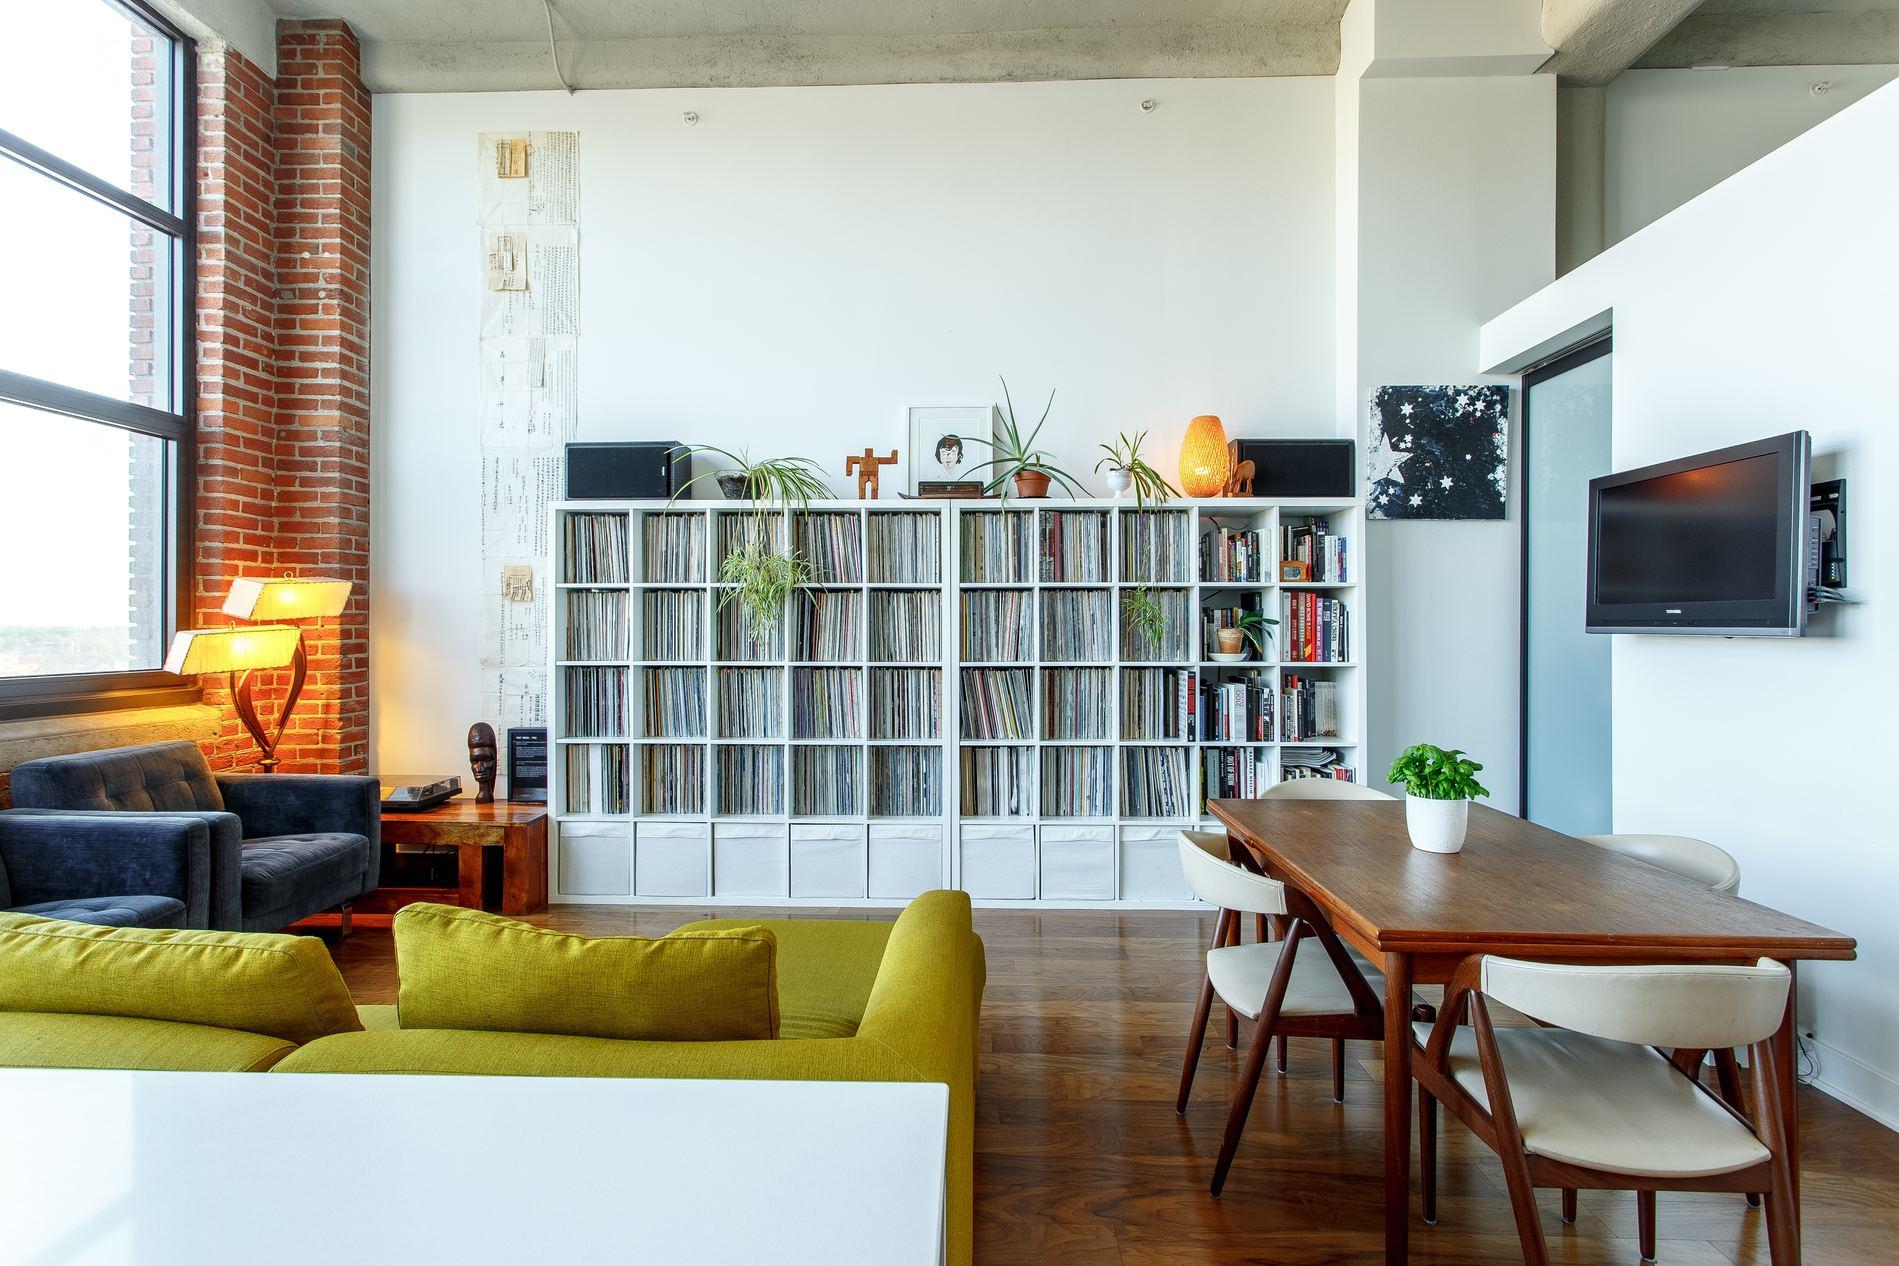 möblum life, sala con muebles y decoración basada en los atributos del color